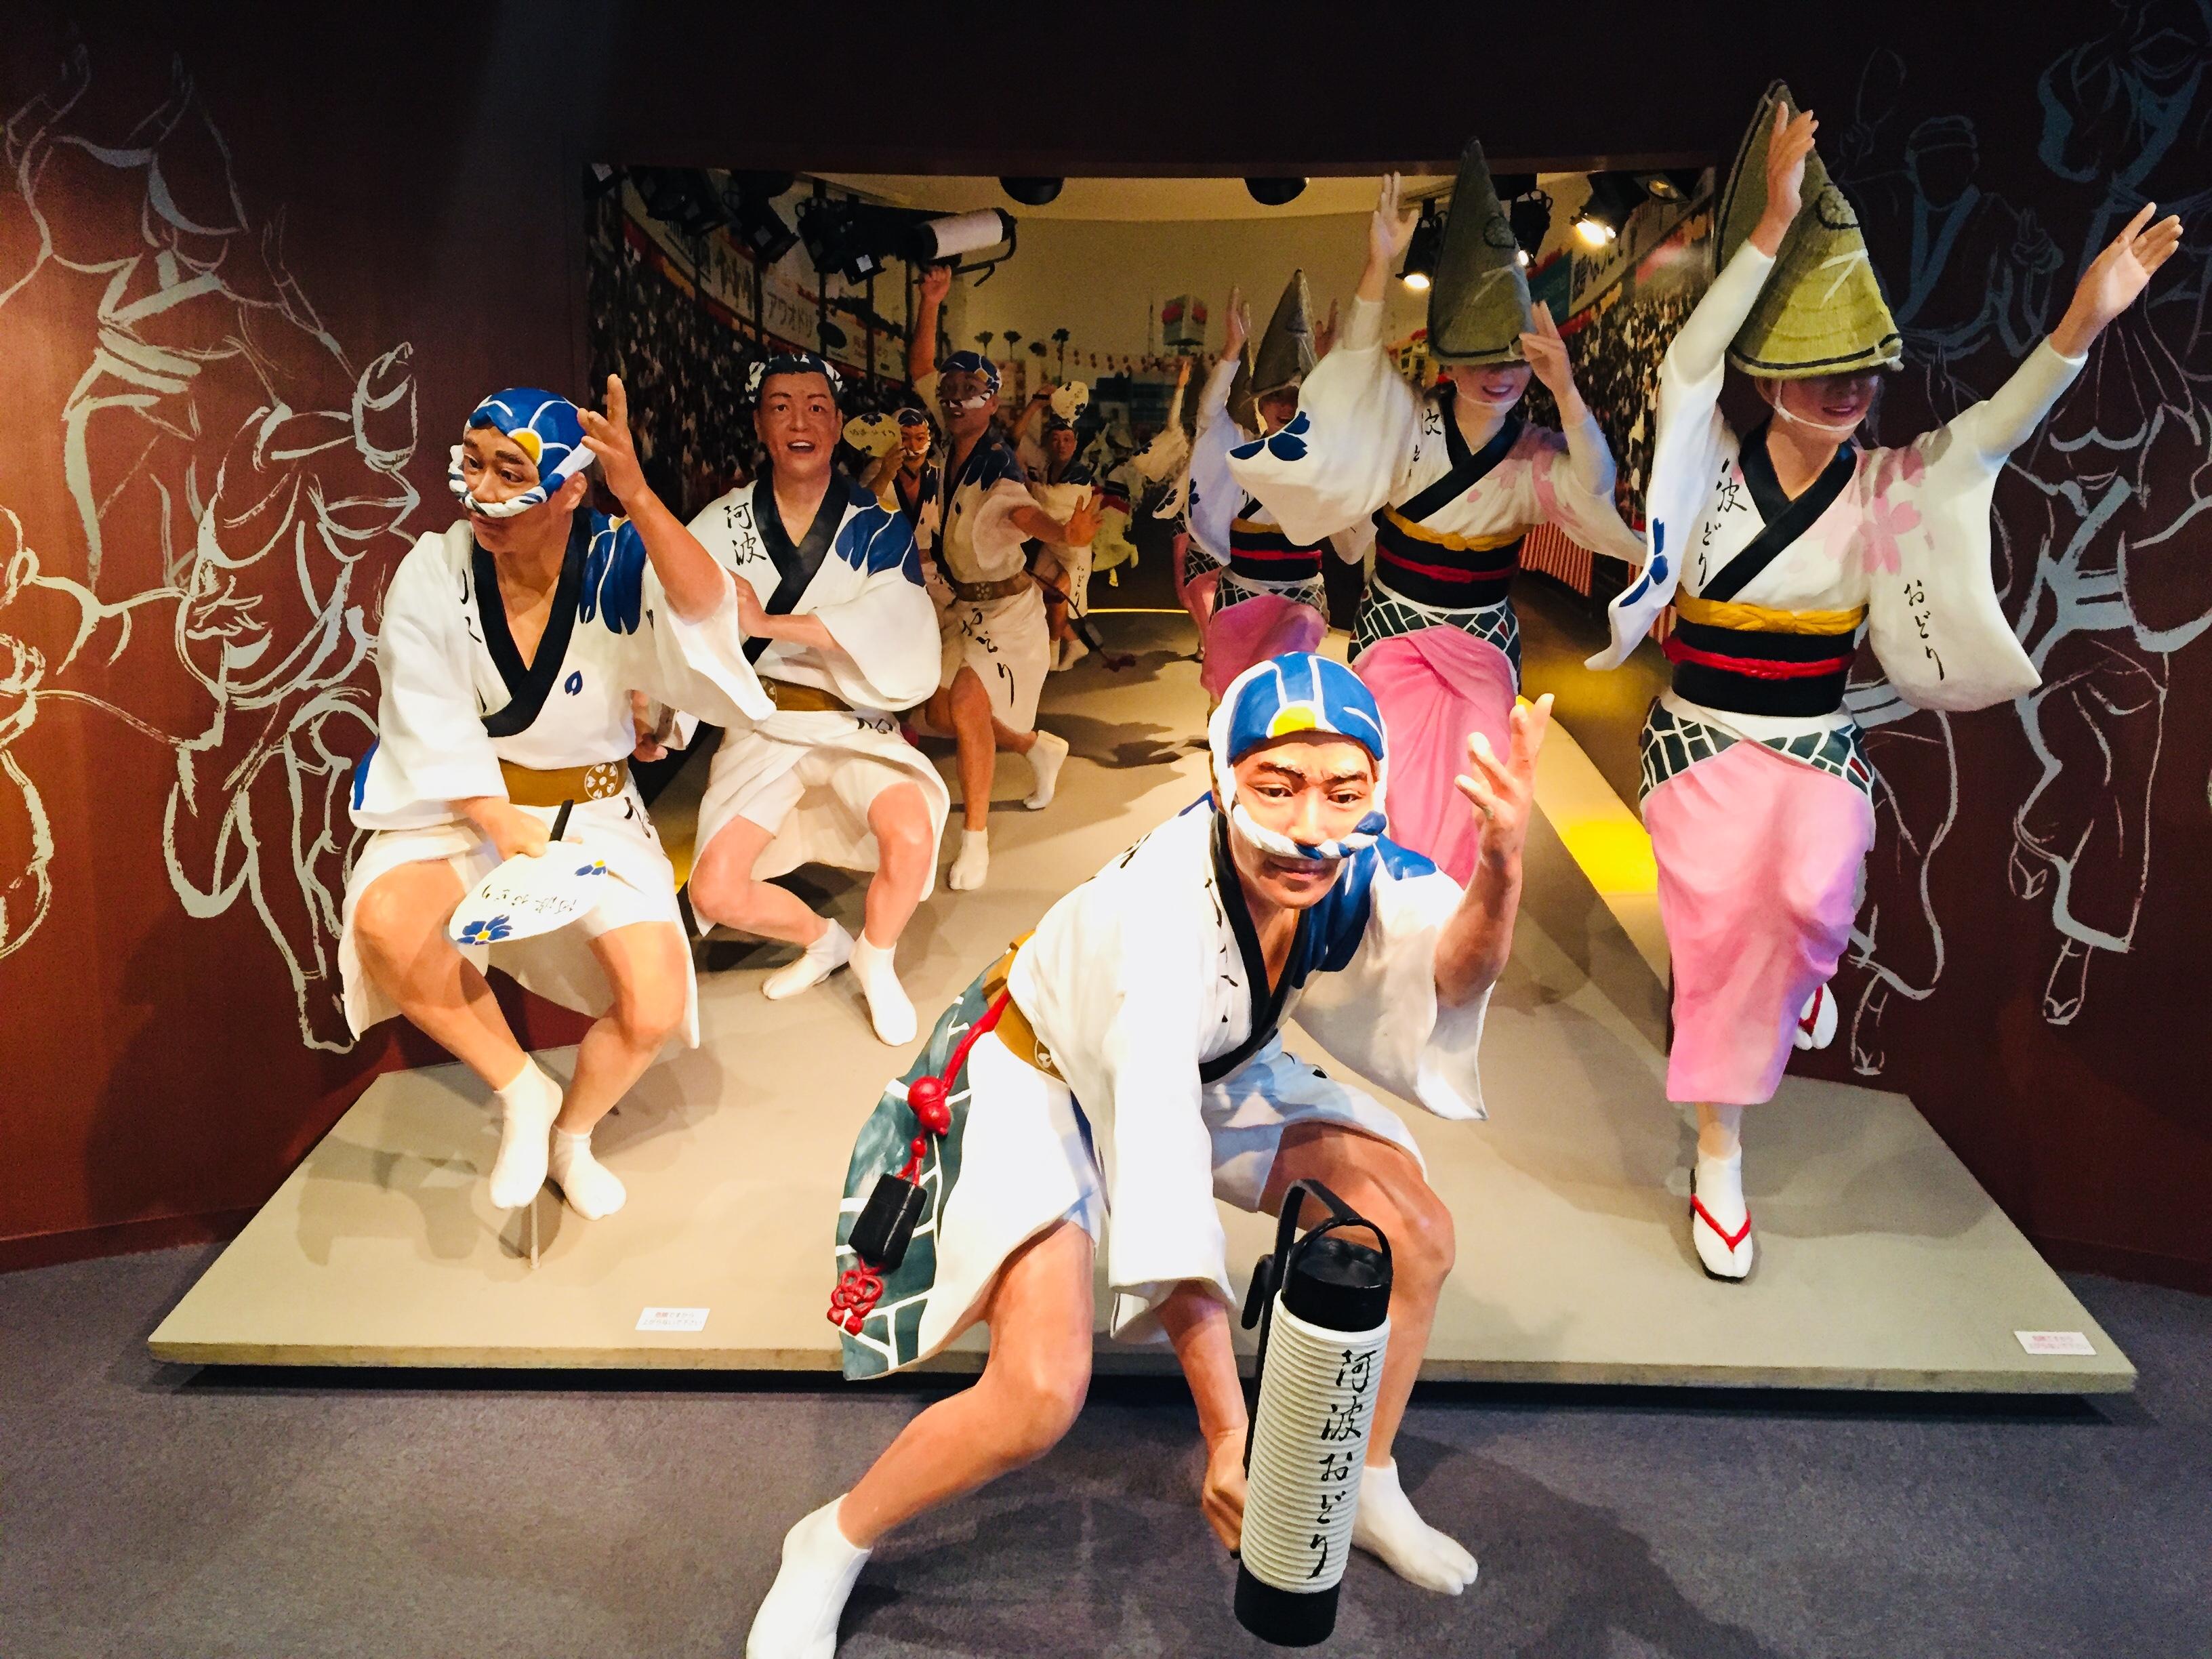 【日本プチ縦断 in 徳島】徳島ラーメンと阿波踊りと不思議な出逢い。